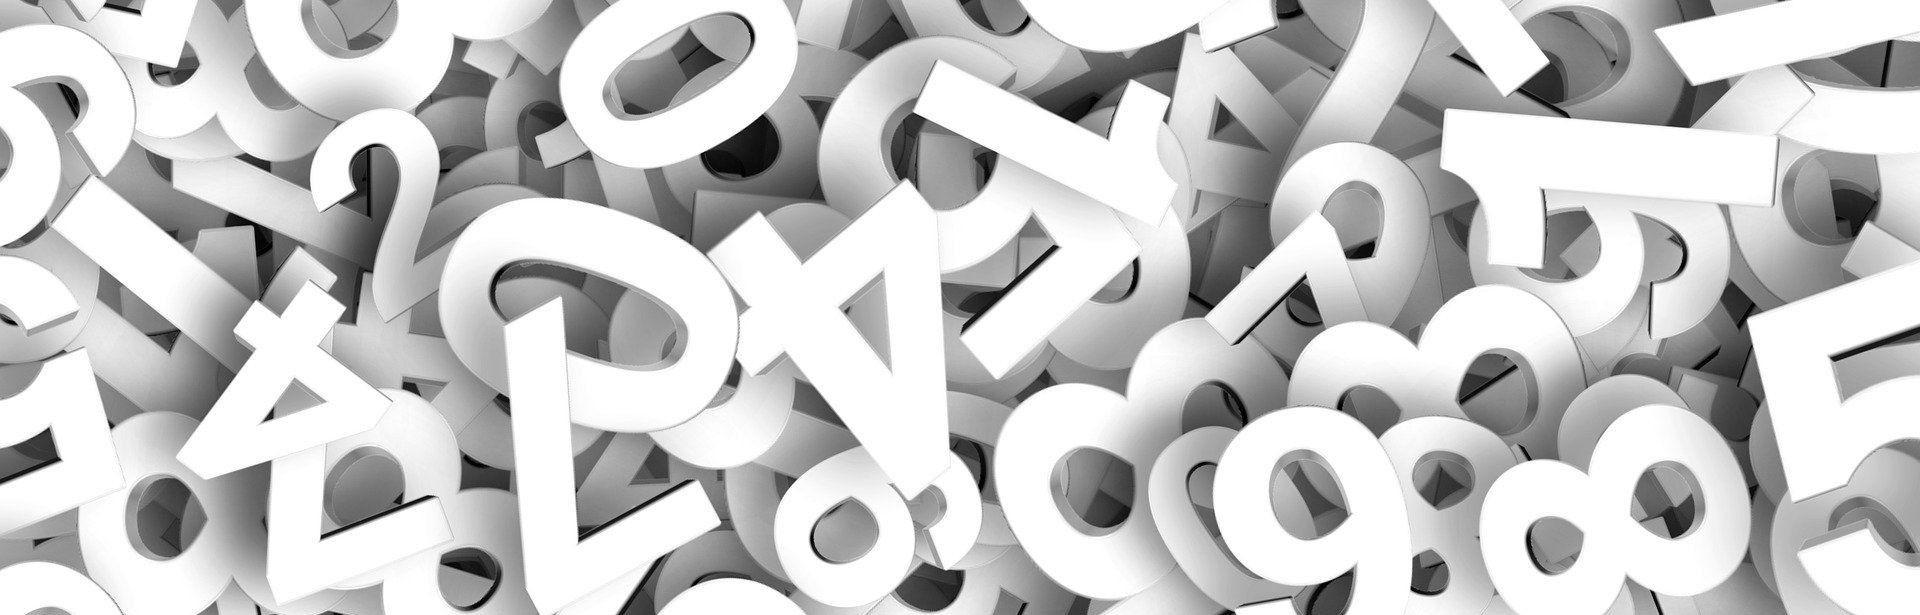 Anspruch auf Erteilung einer Steuernummer